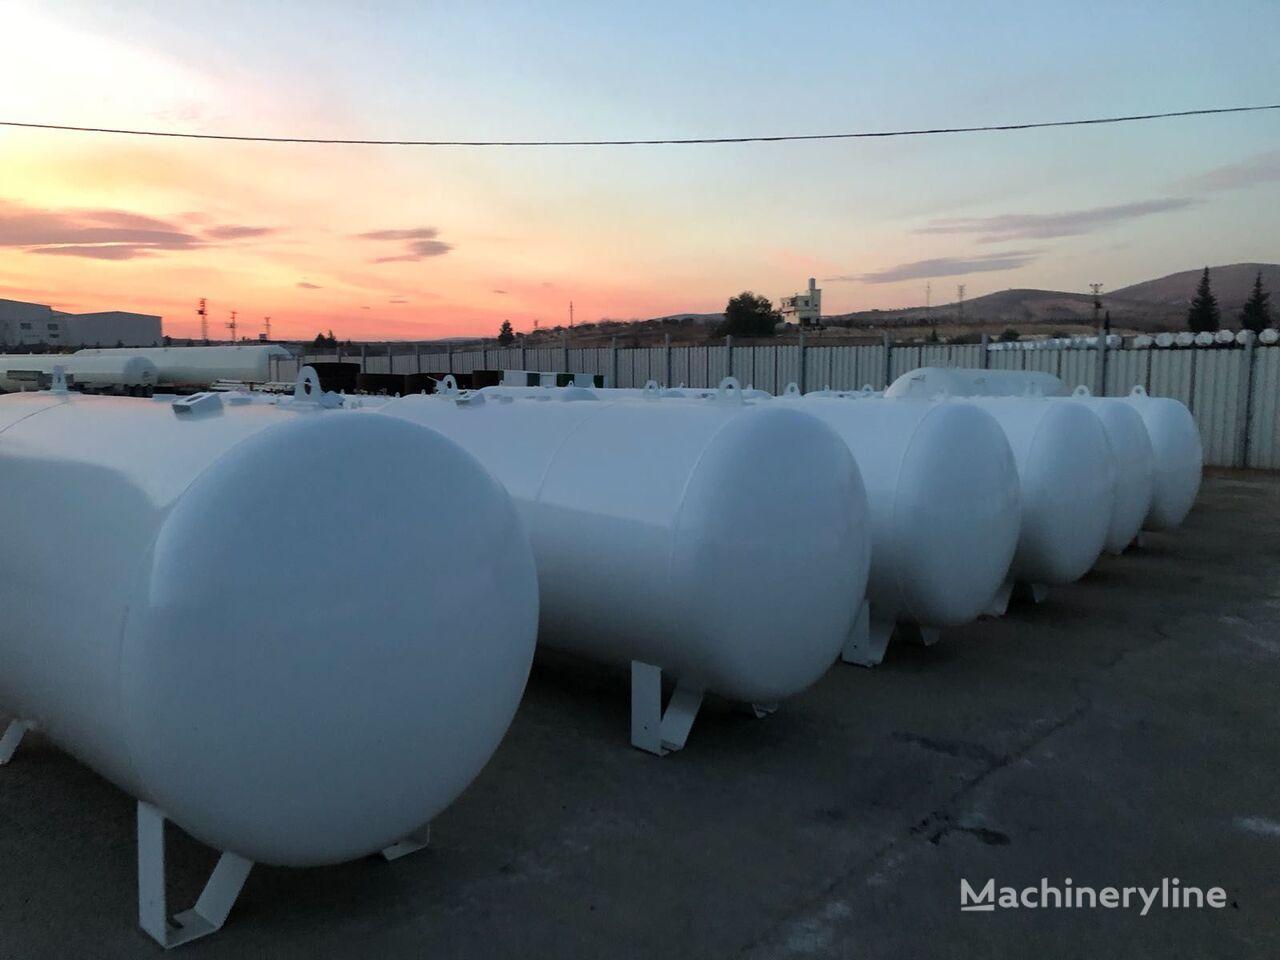 новая газовая цистерна MICANSAN 2021 MODEL 10 M3 LPG STORAGES FULL ACCESORIES